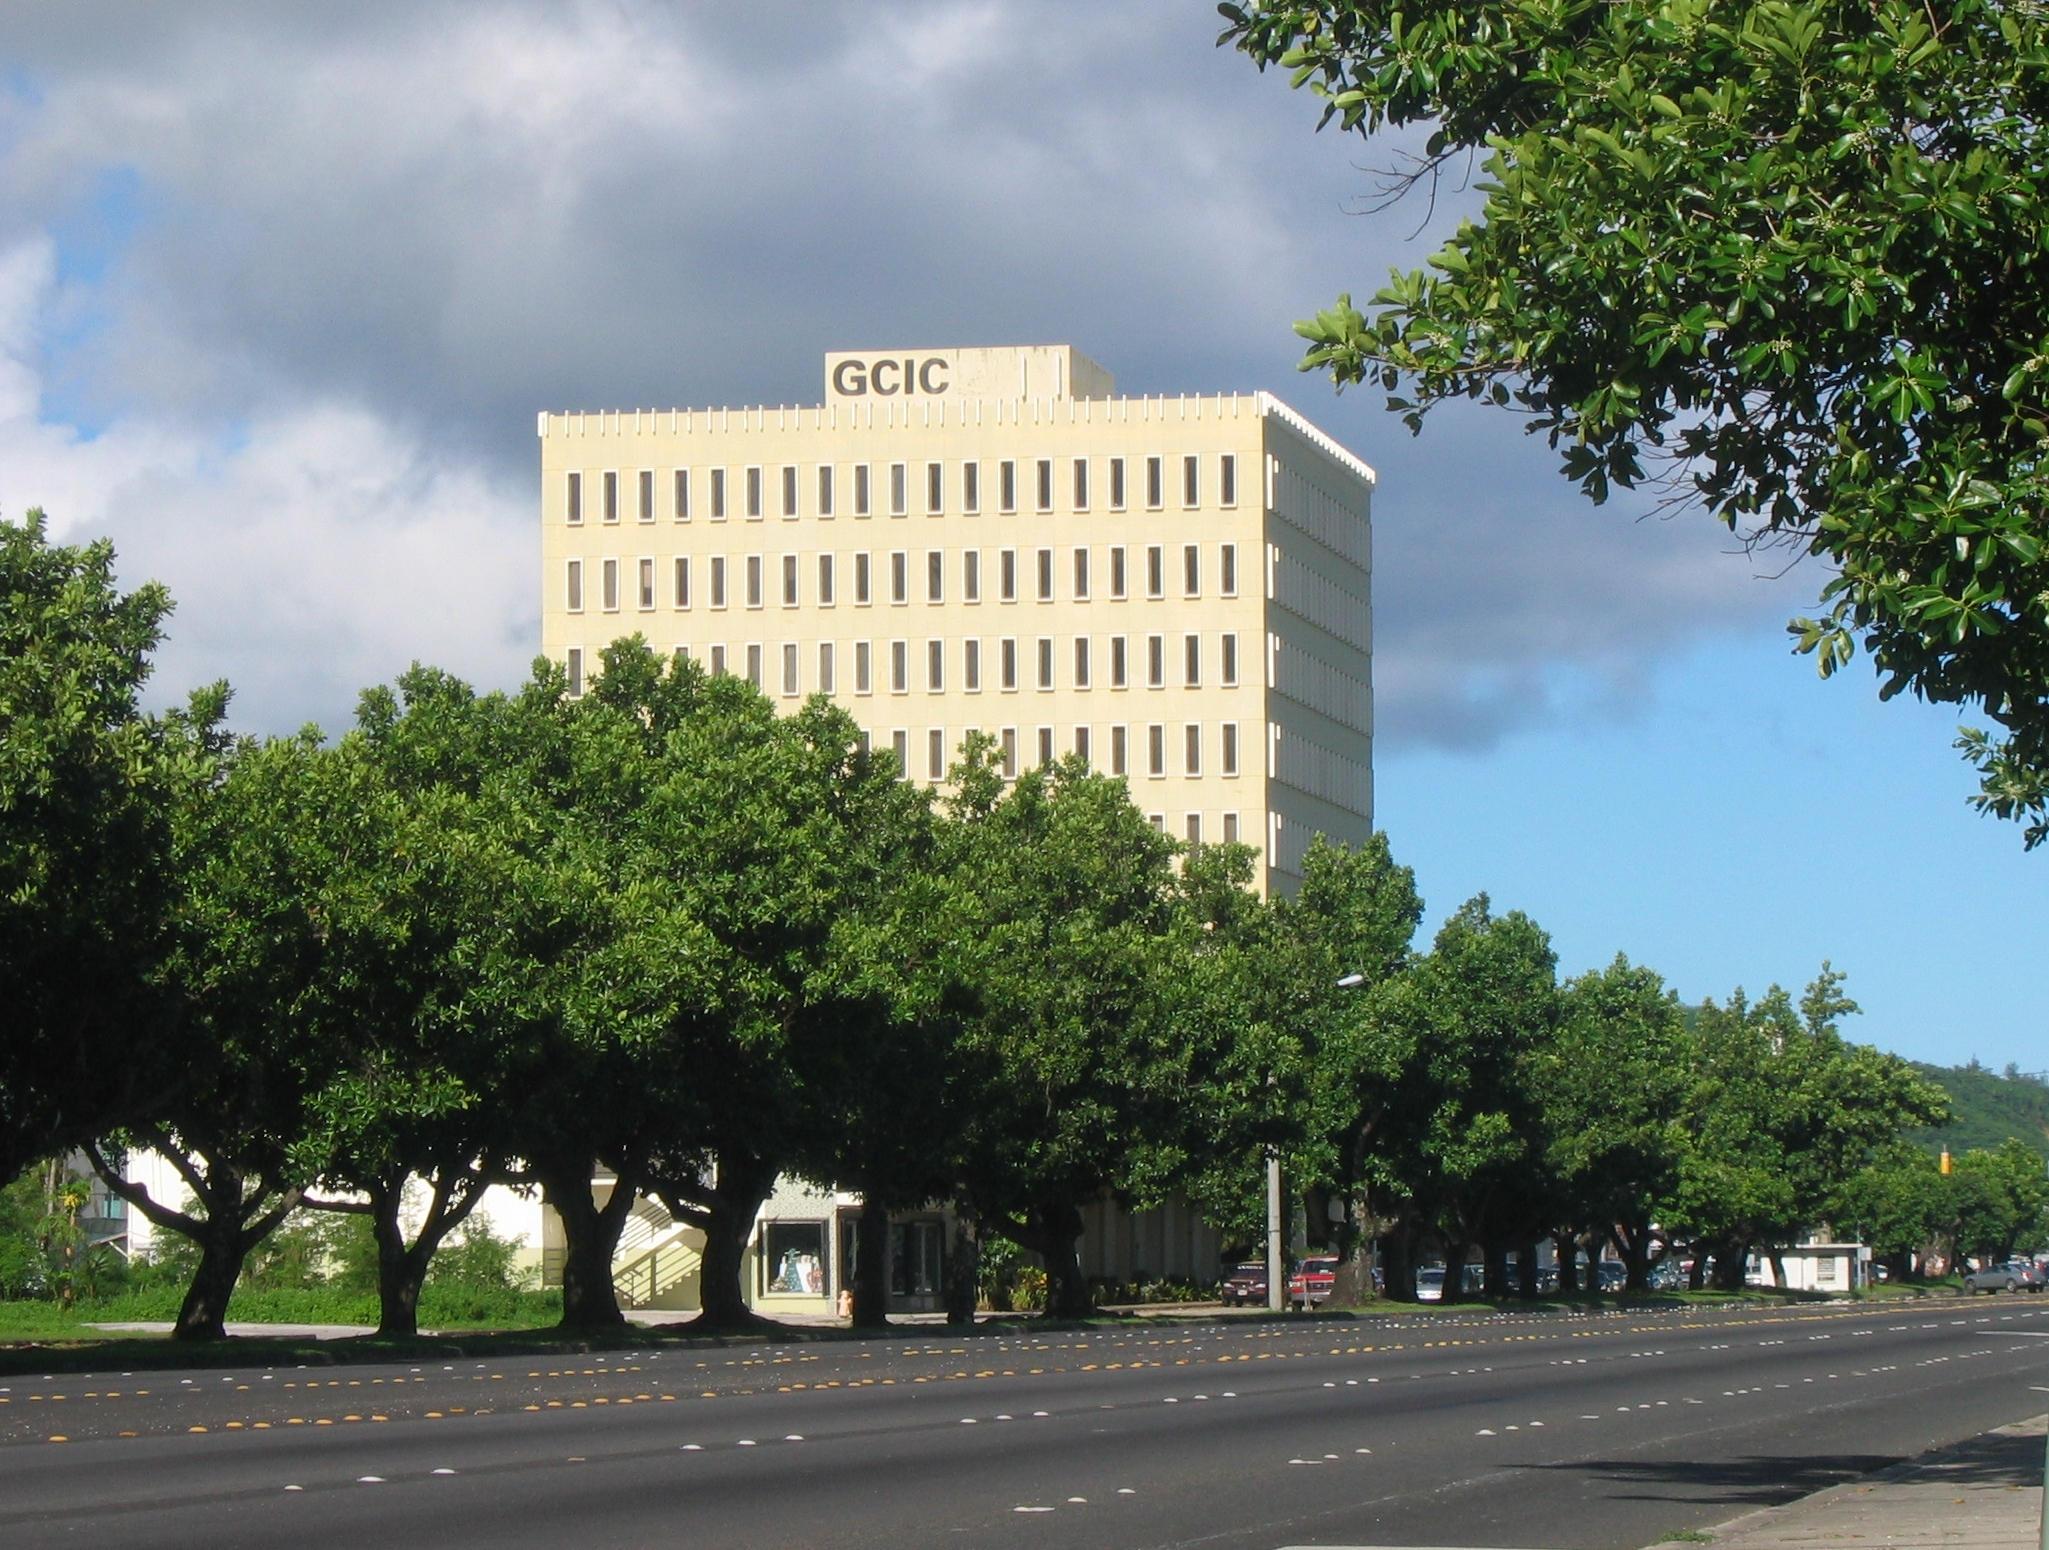 414 (500L) West Soledad Street 500-L, GCIC Building, Hagatna, GU 96910